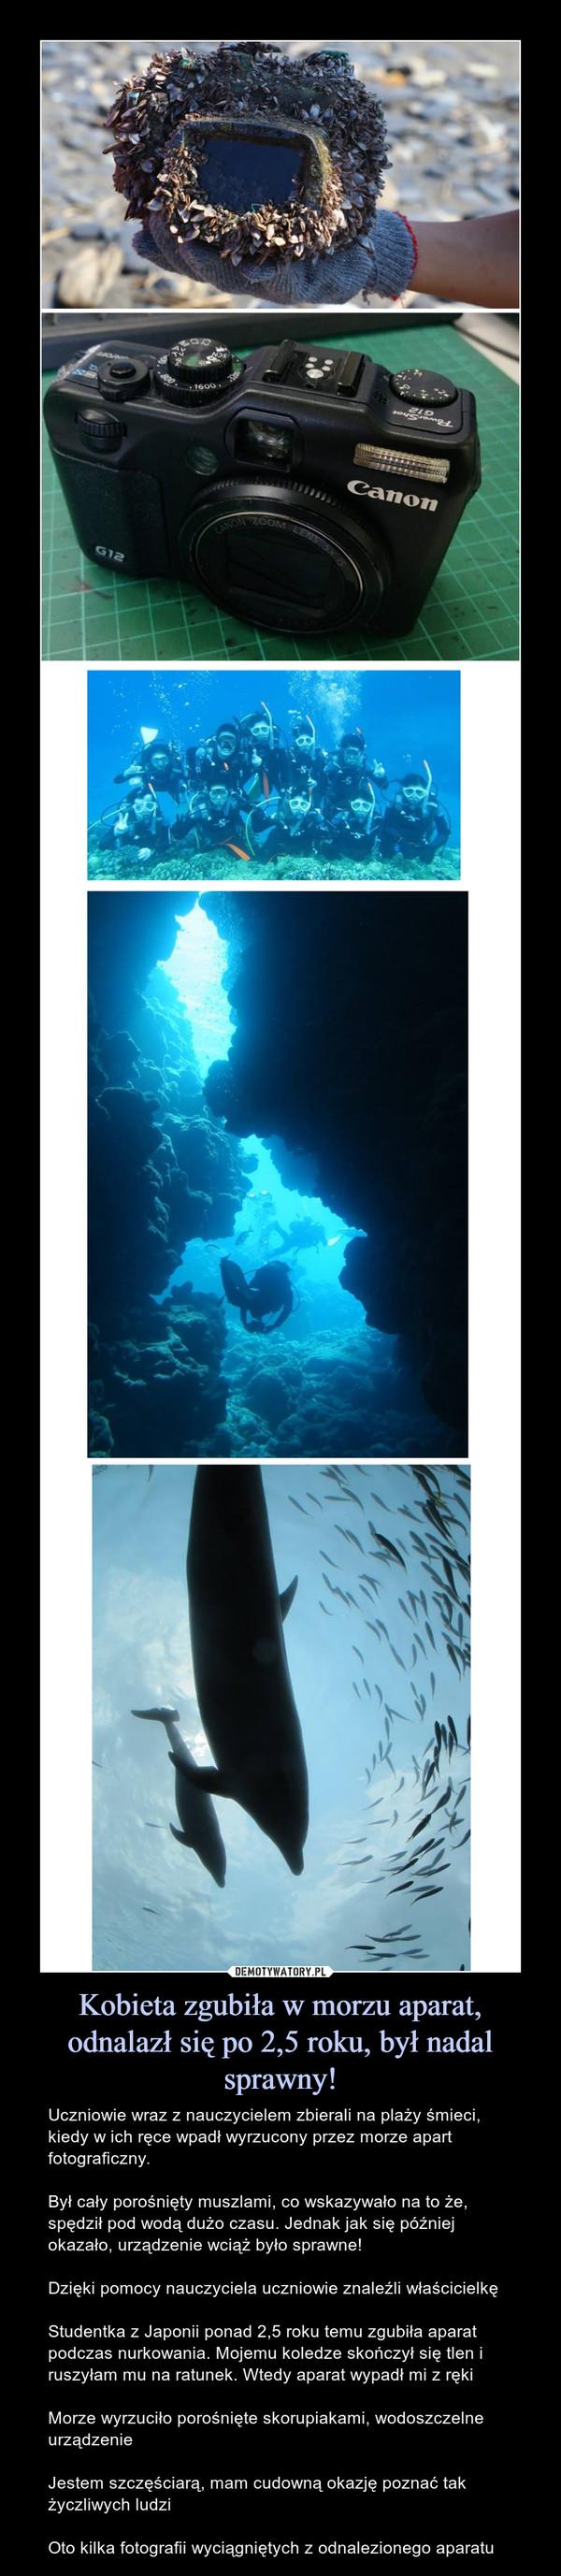 Kobieta zgubiła w morzu aparat, odnalazł się po 2,5 roku, był nadal sprawny! – Uczniowie wraz z nauczycielem zbierali na plaży śmieci, kiedy w ich ręce wpadł wyrzucony przez morze apart fotograficzny.Był cały porośnięty muszlami, co wskazywało na to że, spędził pod wodą dużo czasu. Jednak jak się później okazało, urządzenie wciąż było sprawne!Dzięki pomocy nauczyciela uczniowie znaleźli właścicielkęStudentka z Japonii ponad 2,5 roku temu zgubiła aparat podczas nurkowania. Mojemu koledze skończył się tlen i ruszyłam mu na ratunek. Wtedy aparat wypadł mi z rękiMorze wyrzuciło porośnięte skorupiakami, wodoszczelne urządzenieJestem szczęściarą, mam cudowną okazję poznać tak życzliwych ludziOto kilka fotografii wyciągniętych z odnalezionego aparatu